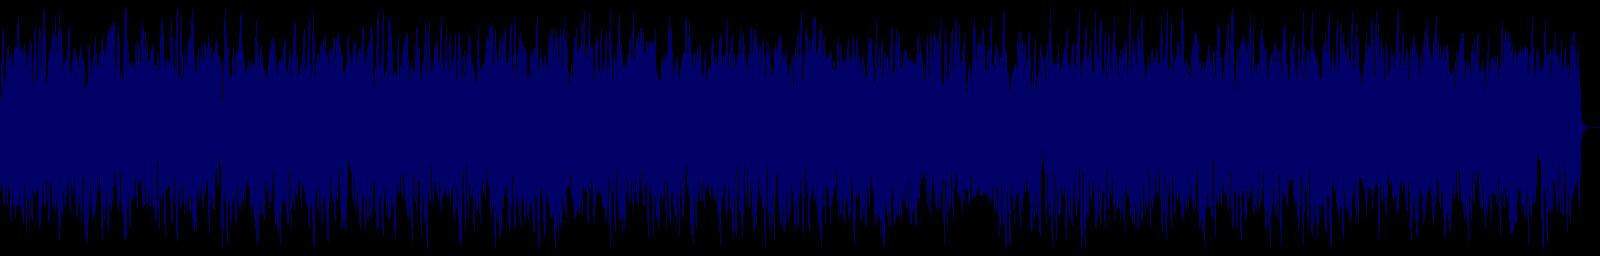 waveform of track #126887